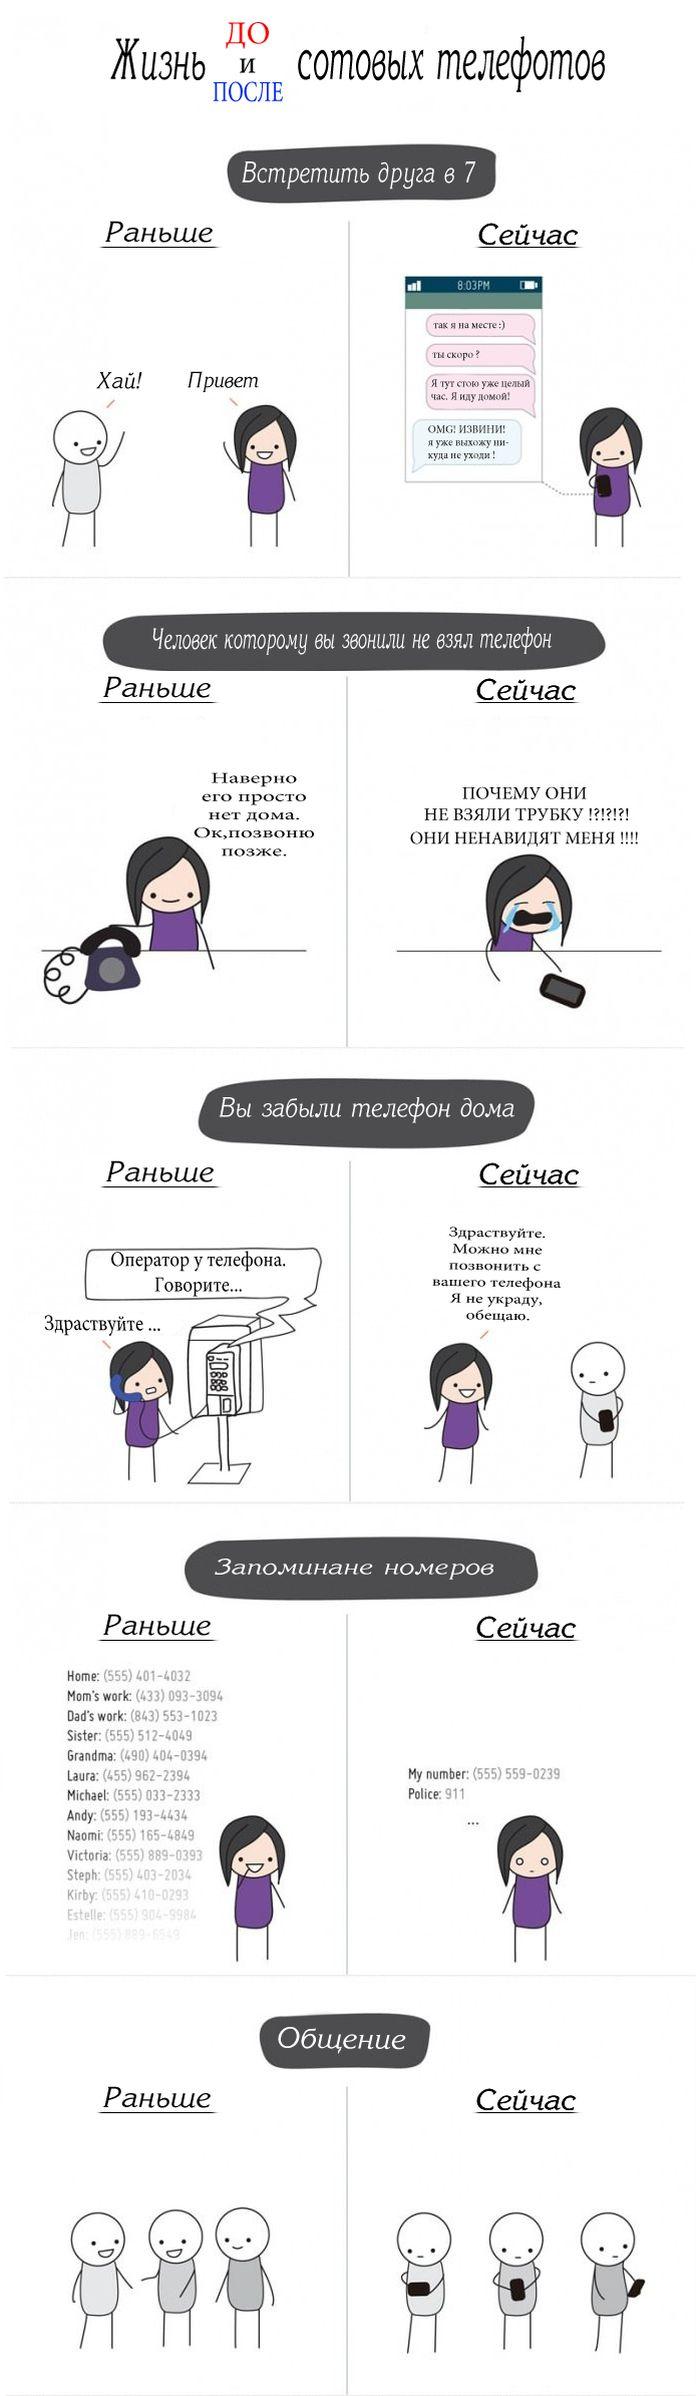 Мобильные телефоны: жизнь до и после (1 картинка)